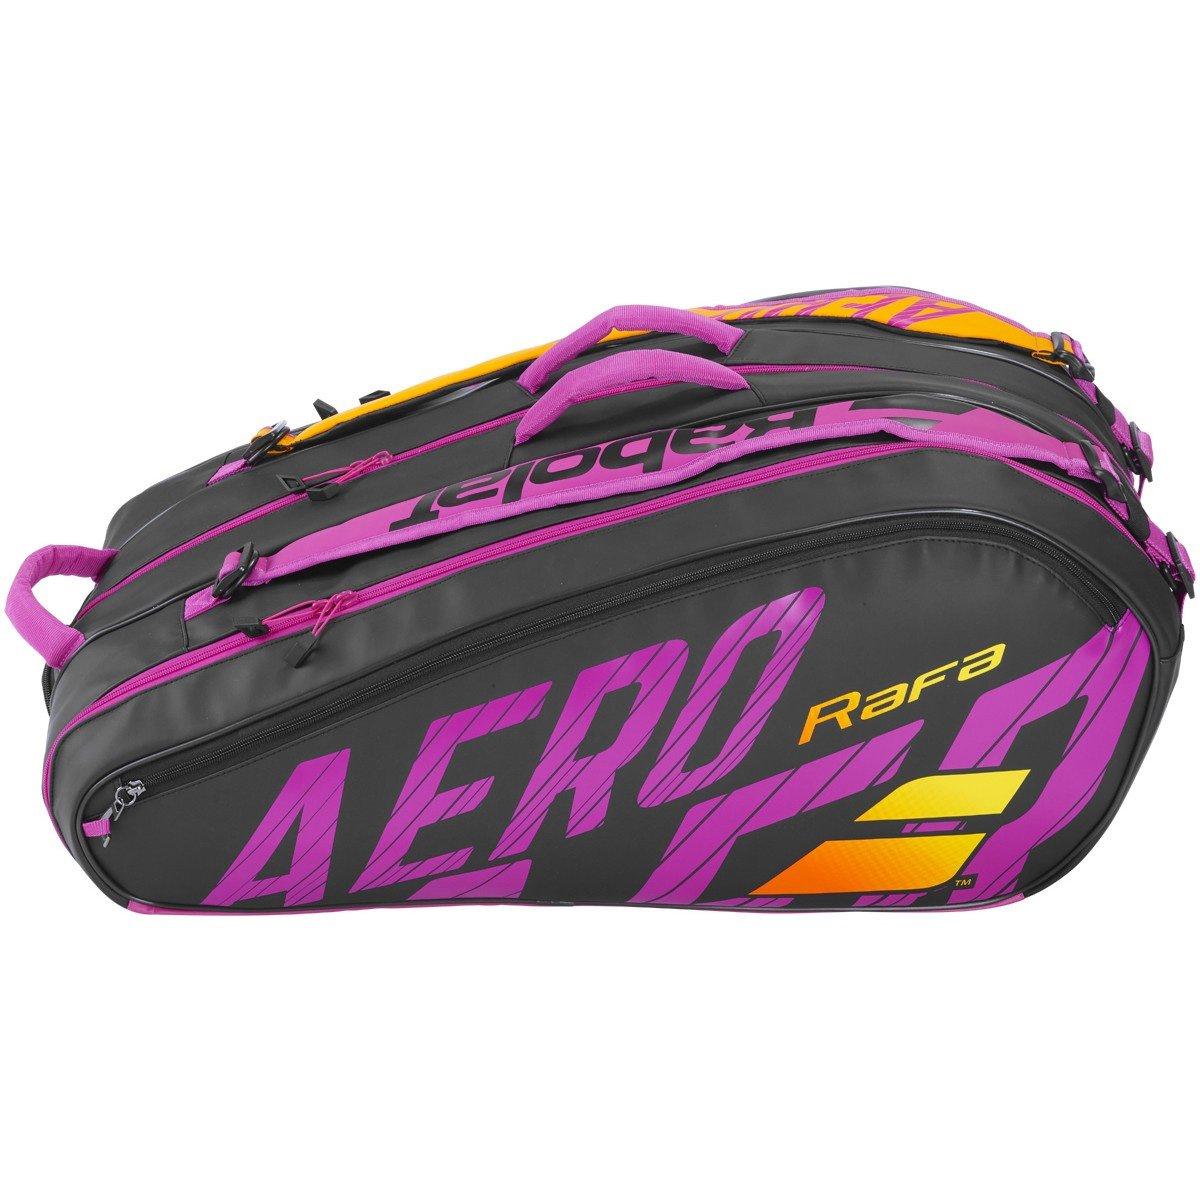 Raqueteira Babolat Pure Aero X12 Modelo 2021